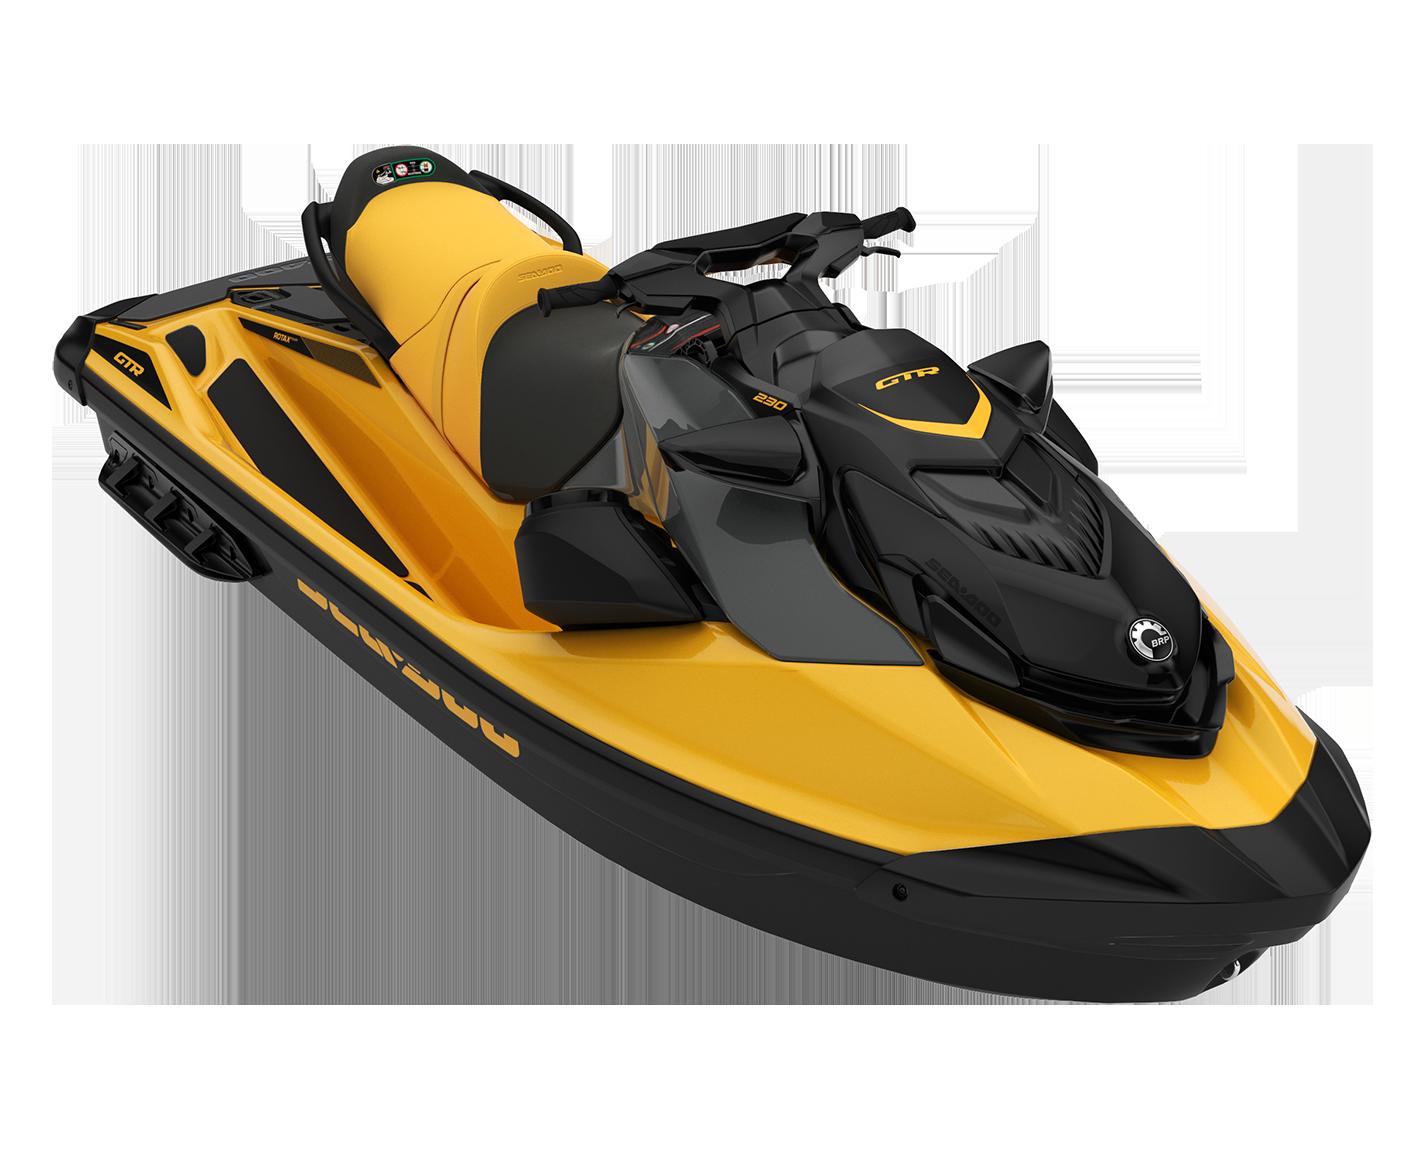 Comprar moto de agua Sea-Doo GTR 230 en Barcelona